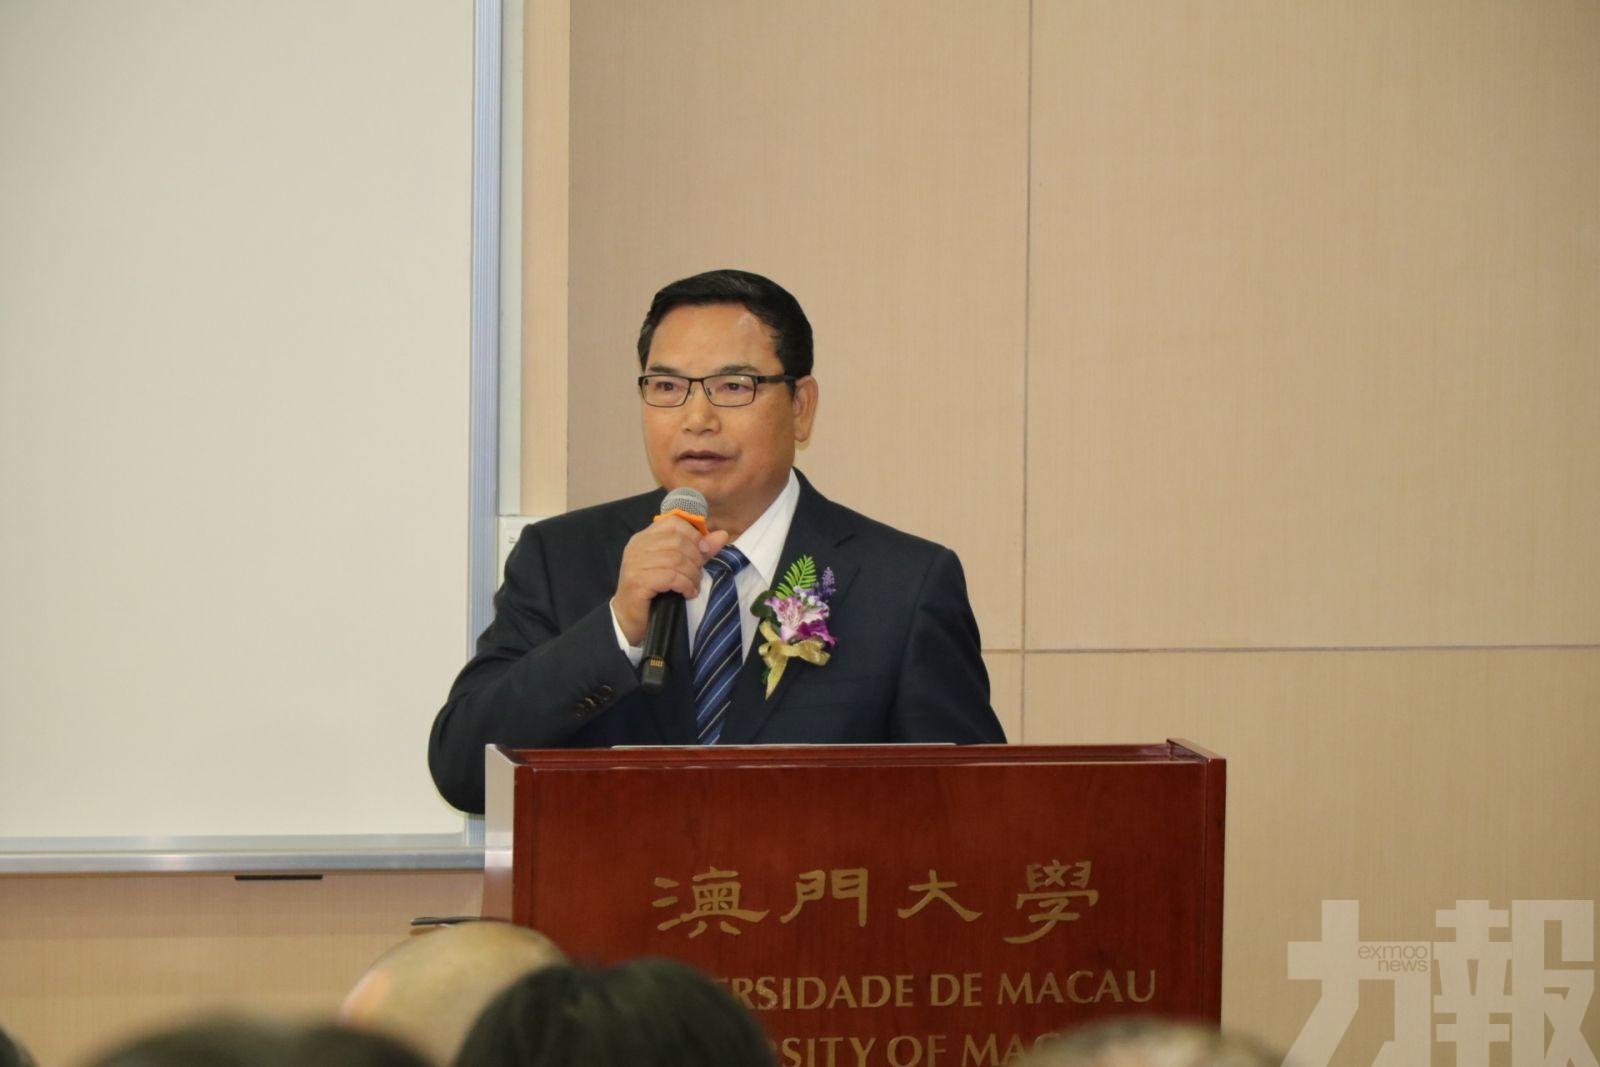 粵學者:加強灣區法治保障刻不容緩